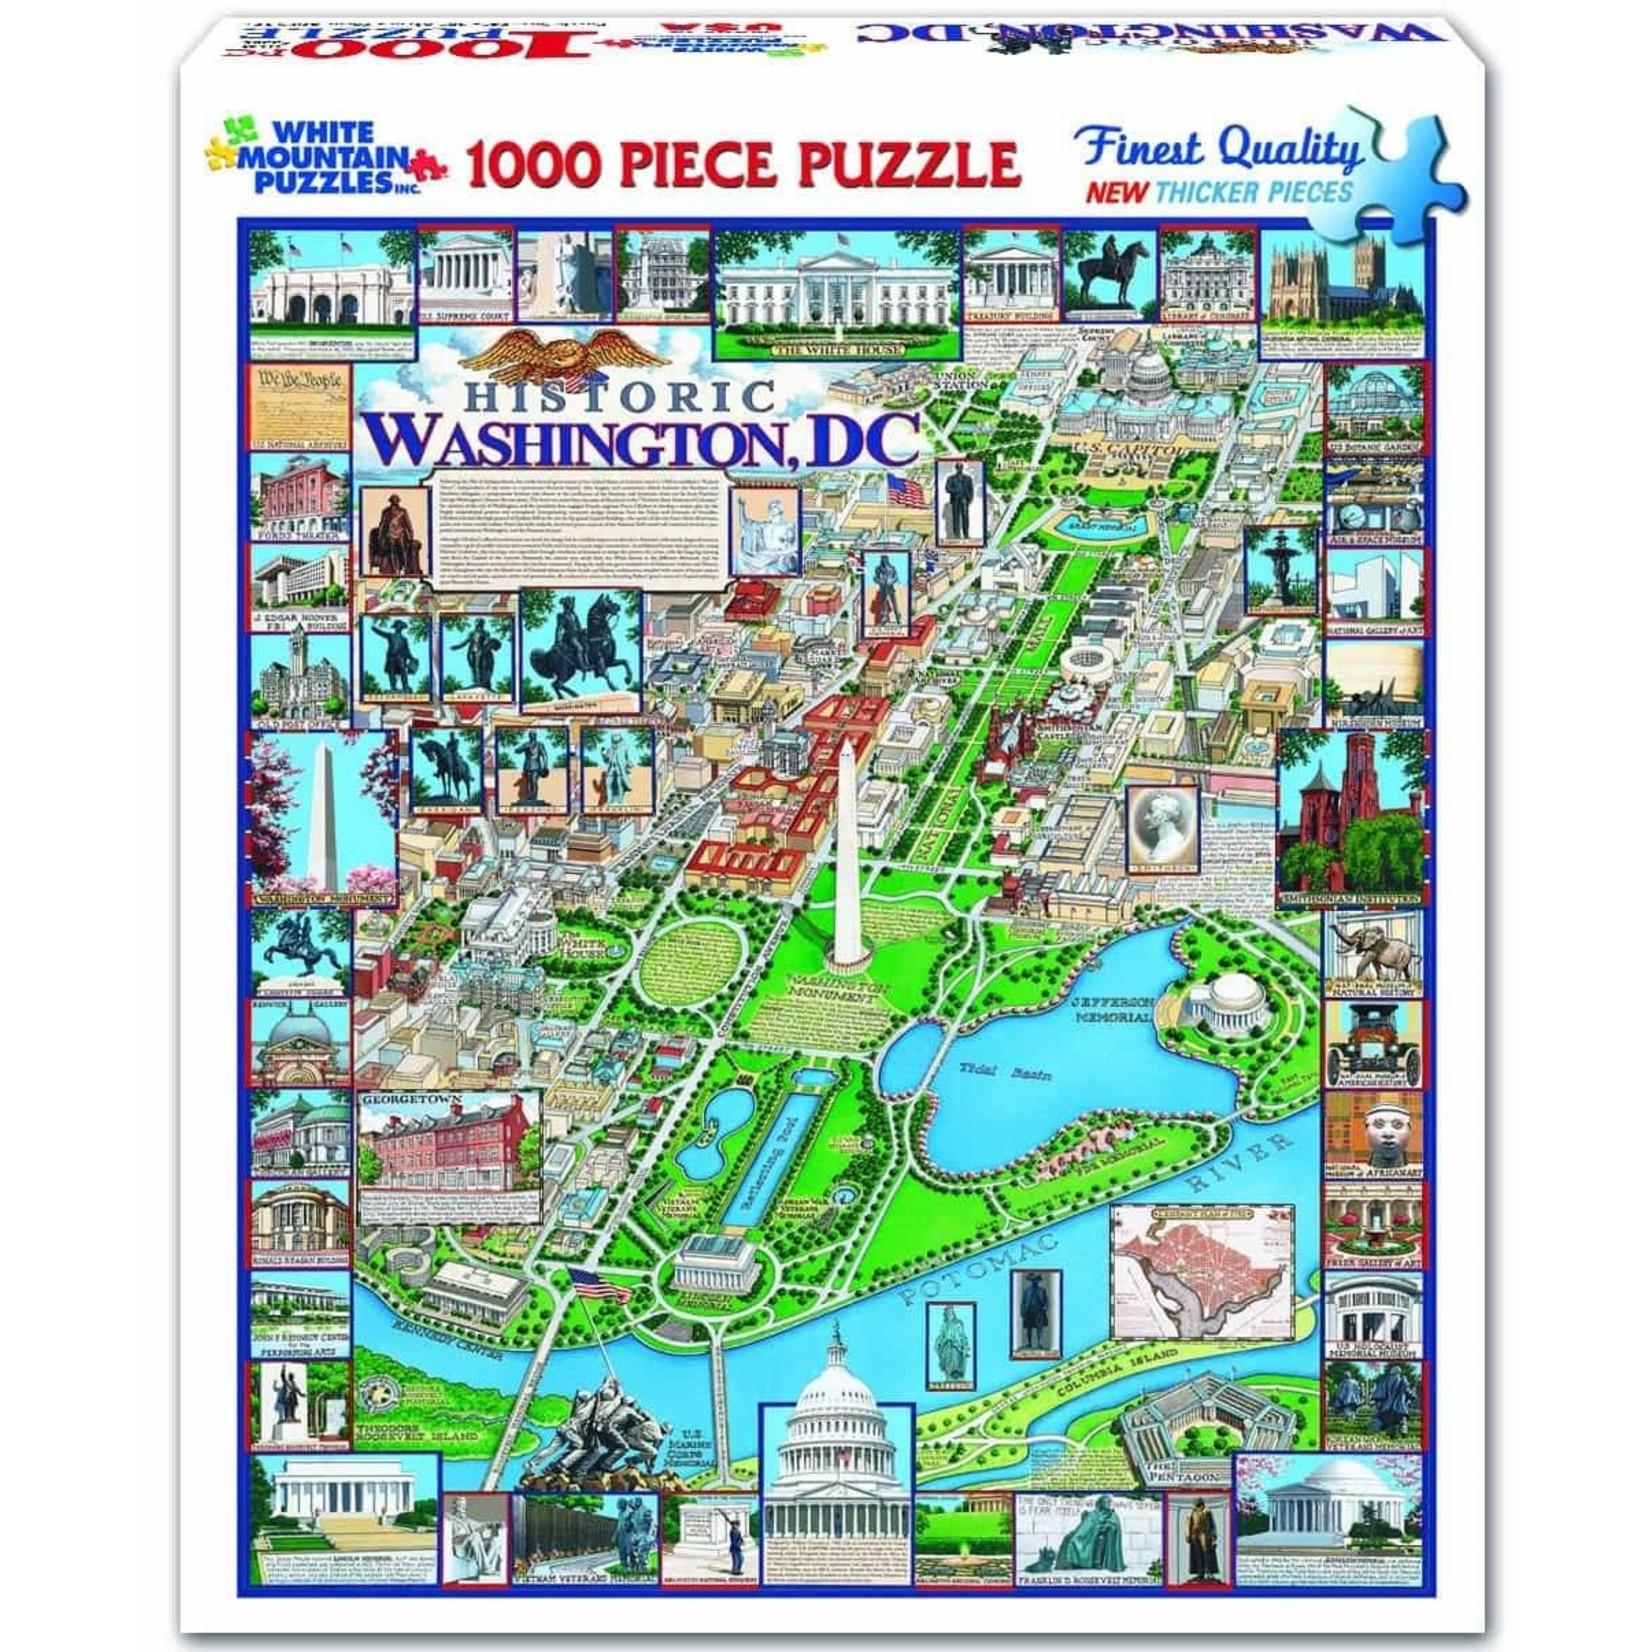 White Mountain Puzzles Washington, DC - 1000 Piece Jigsaw Puzzle